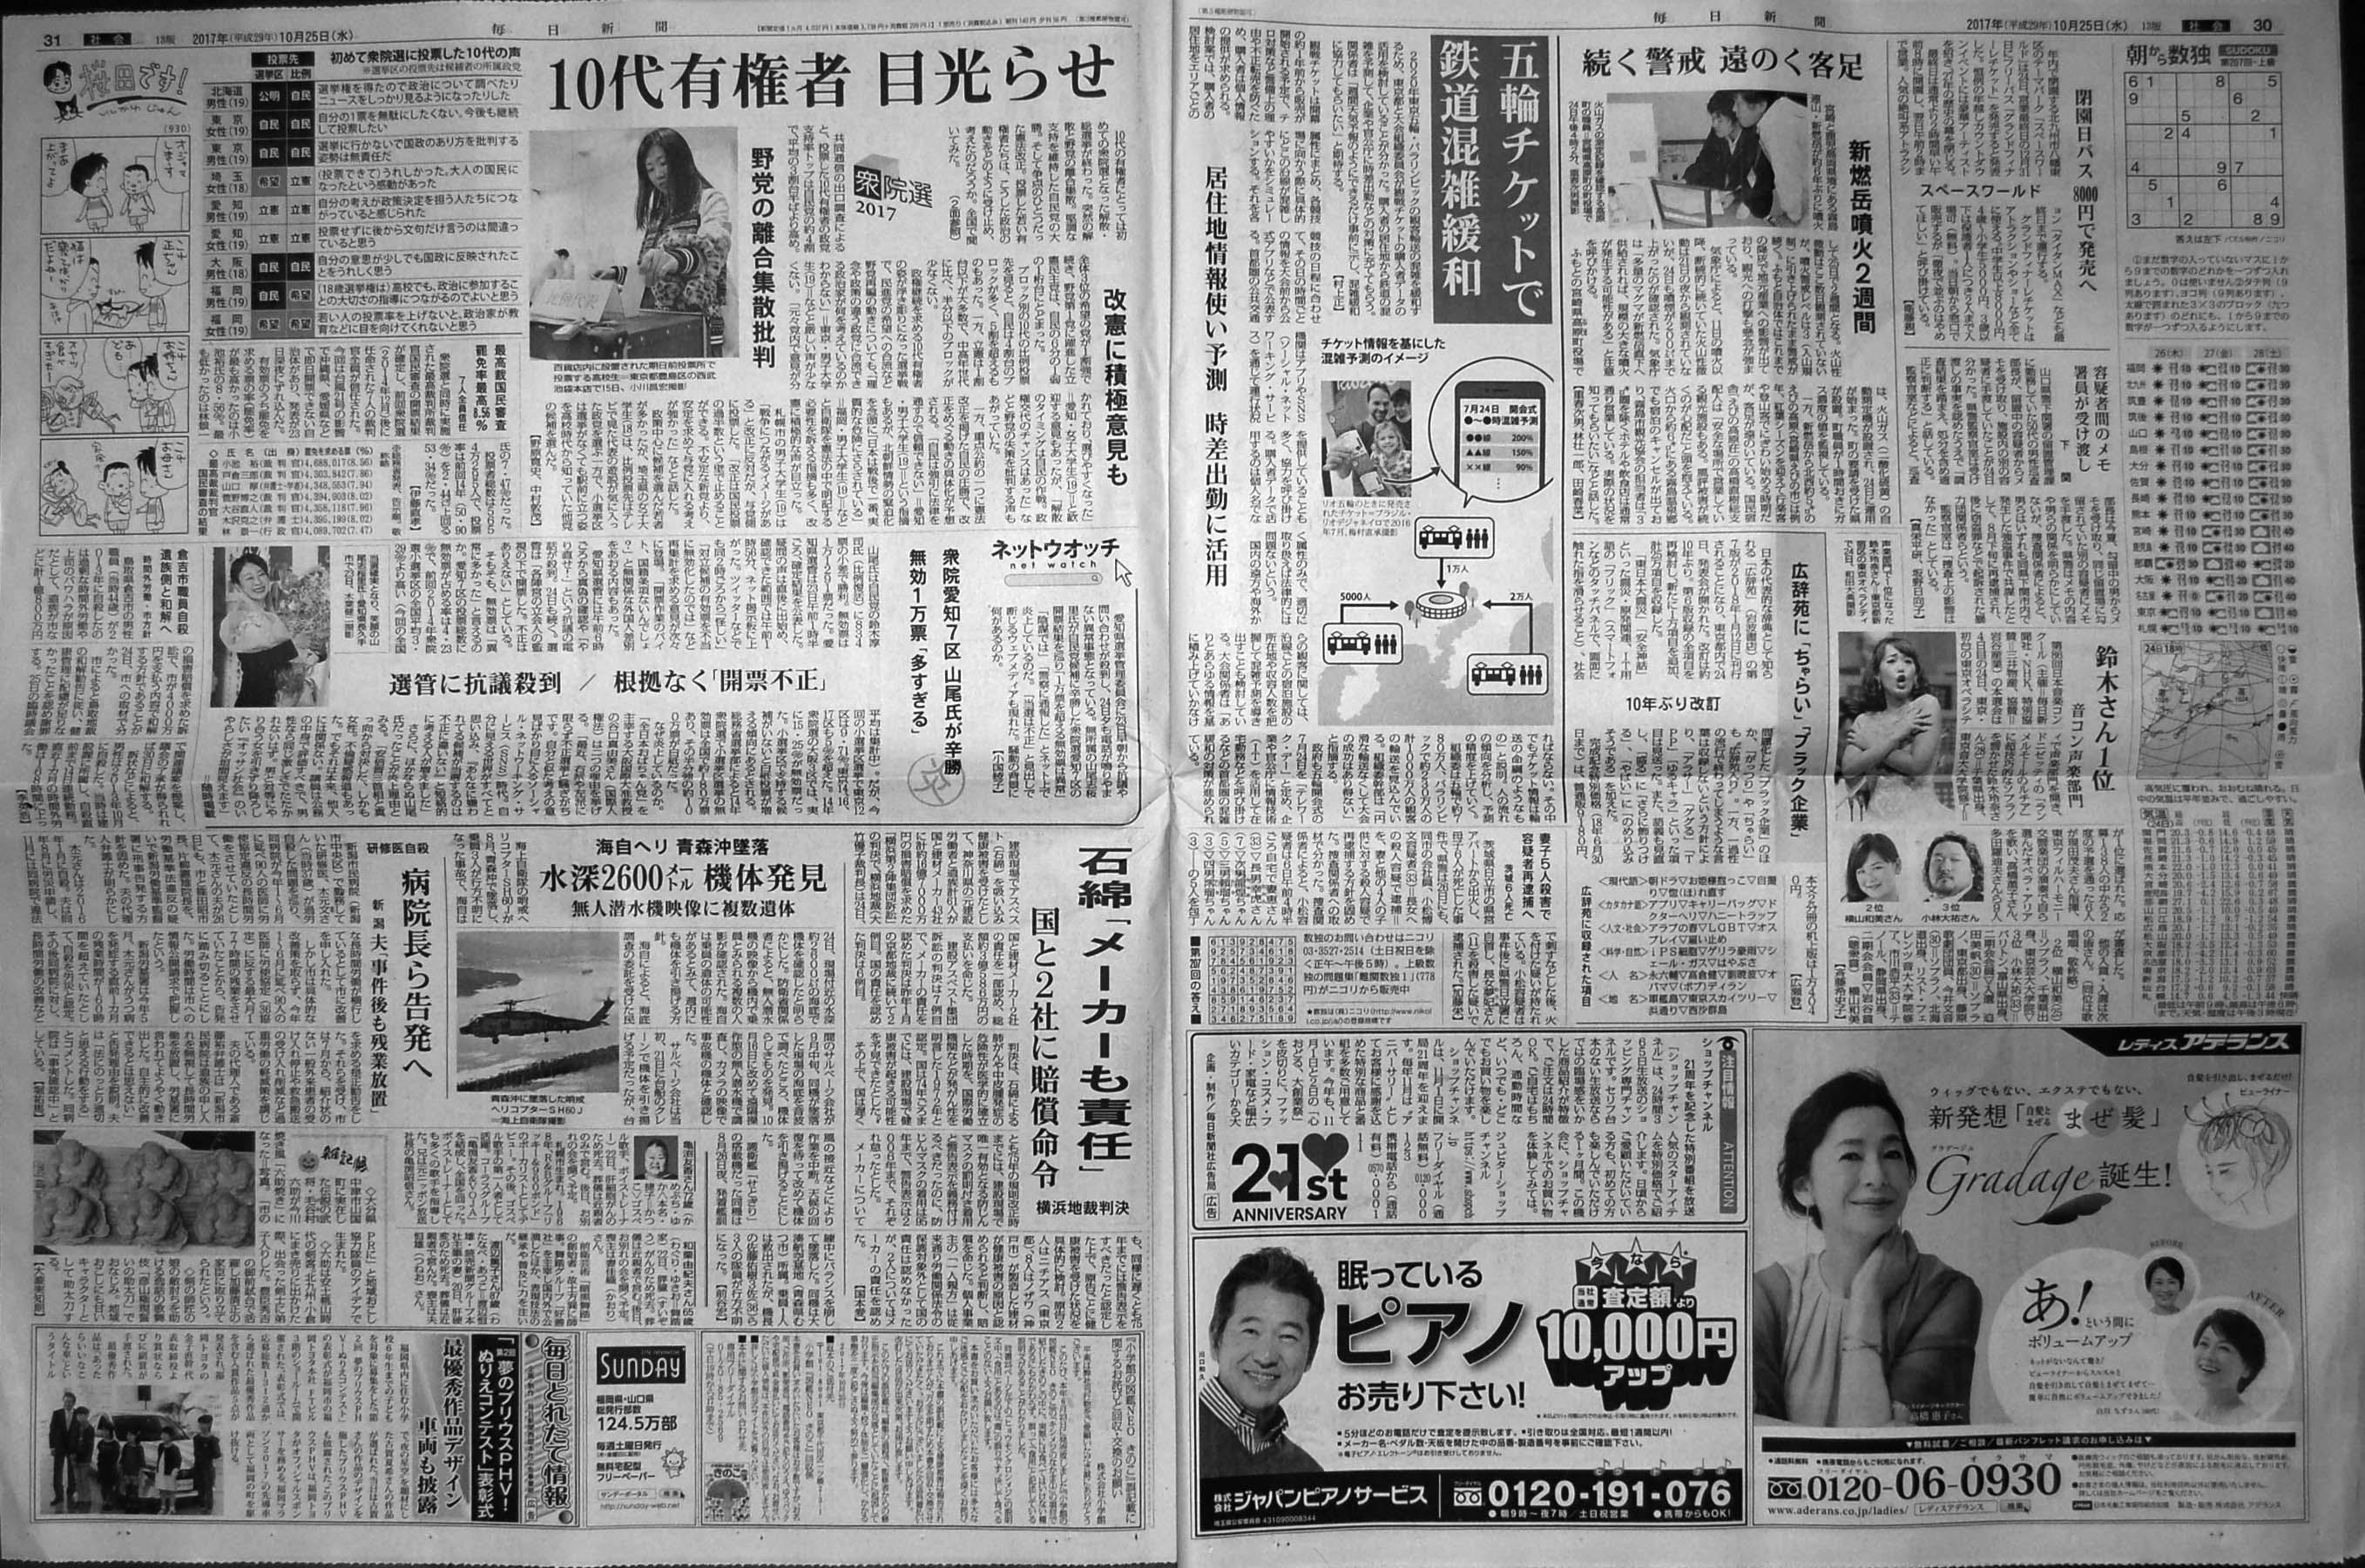 mainichi171025p30-31.jpg